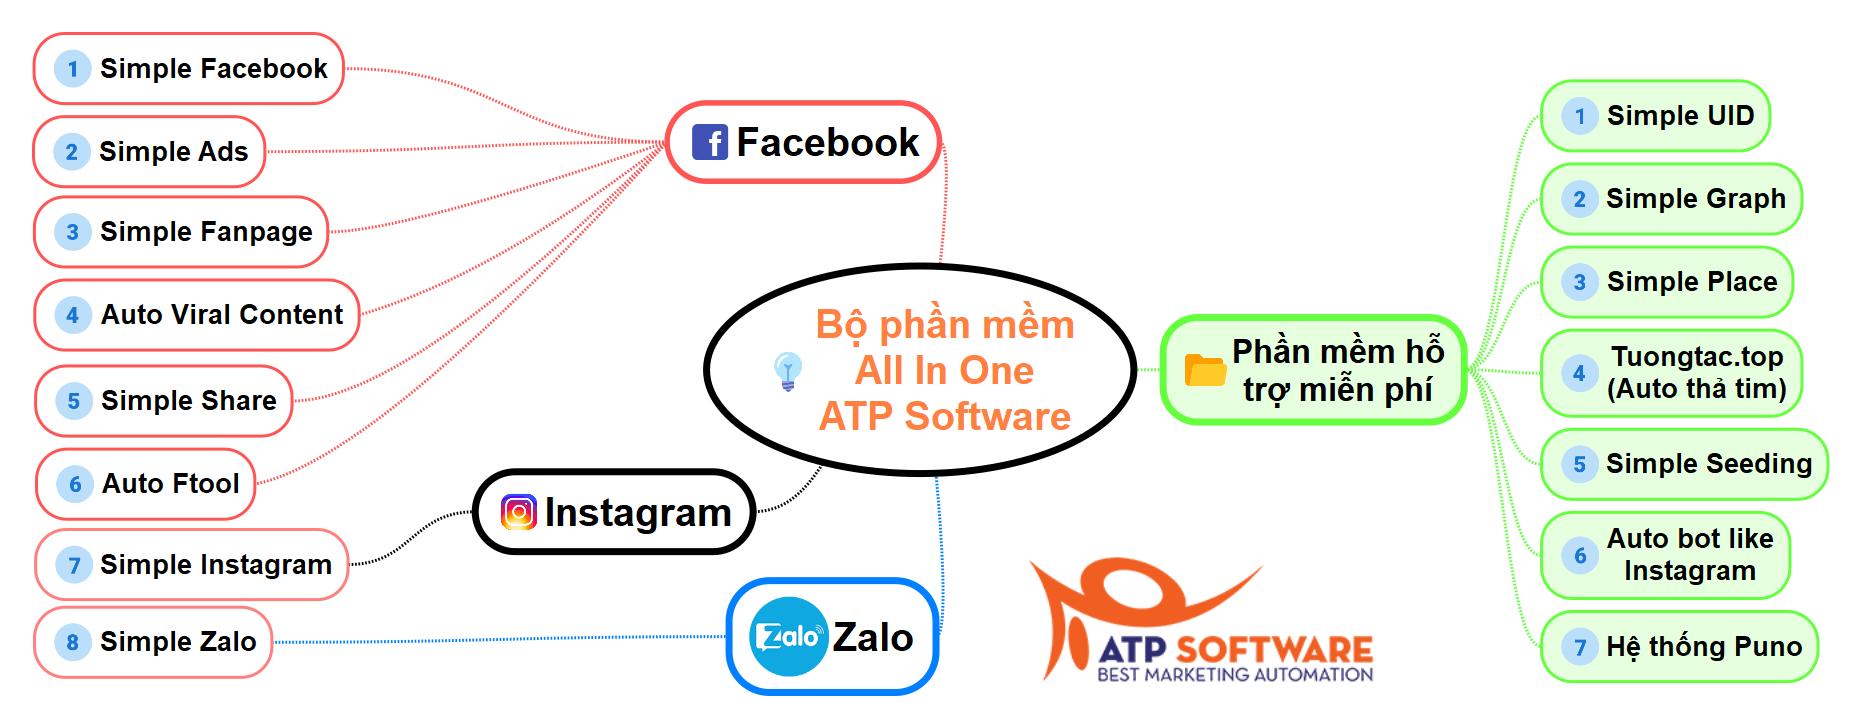 Bo phan mem all in one atp software